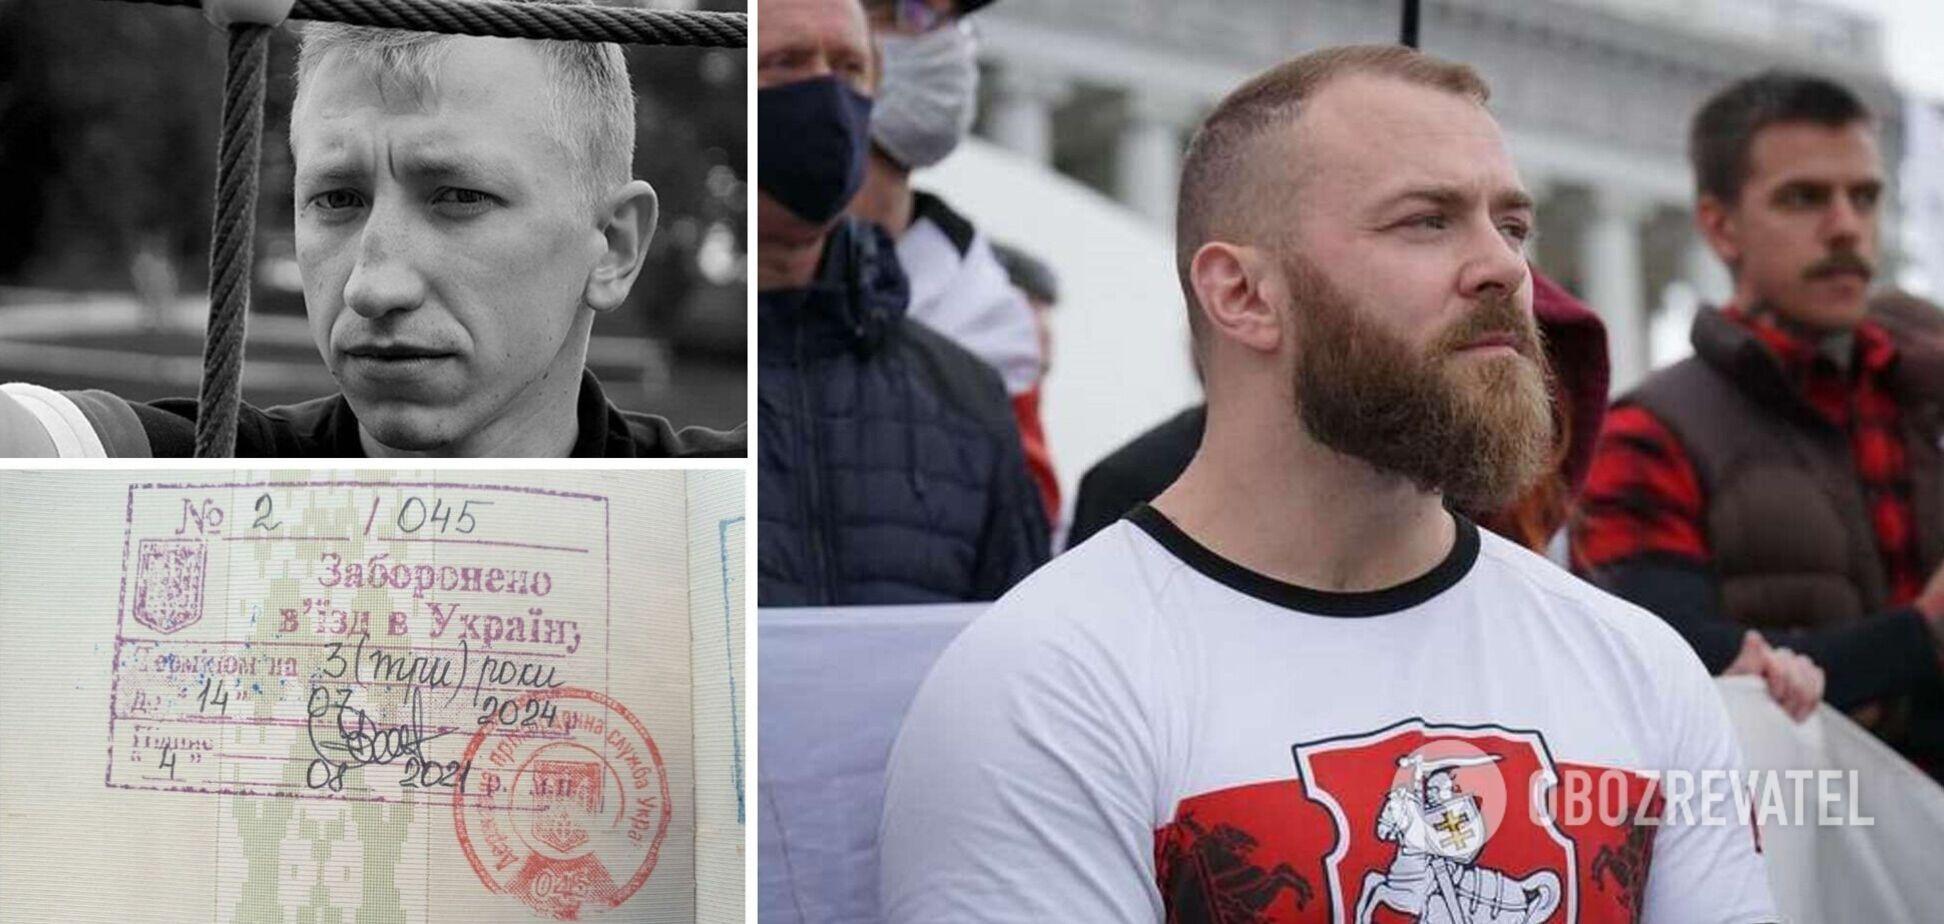 СБУ запретила въезд в Украину заместителю погибшего белоруса Шишова